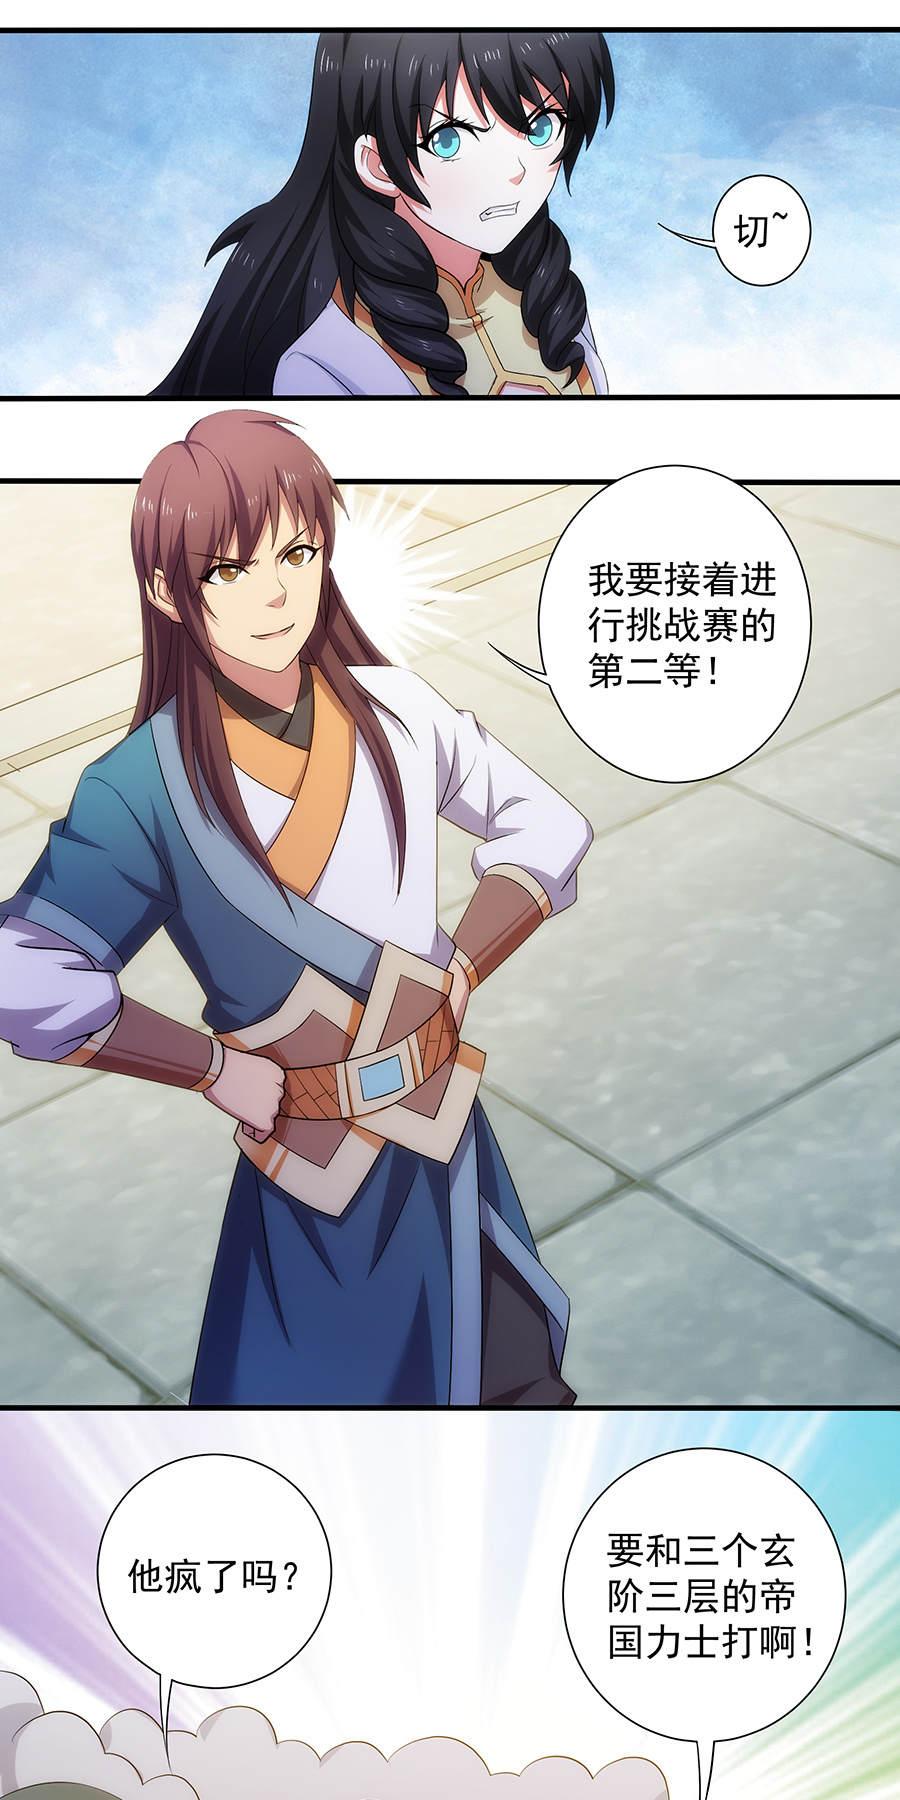 绝世剑神第23话  互不服输 第 4